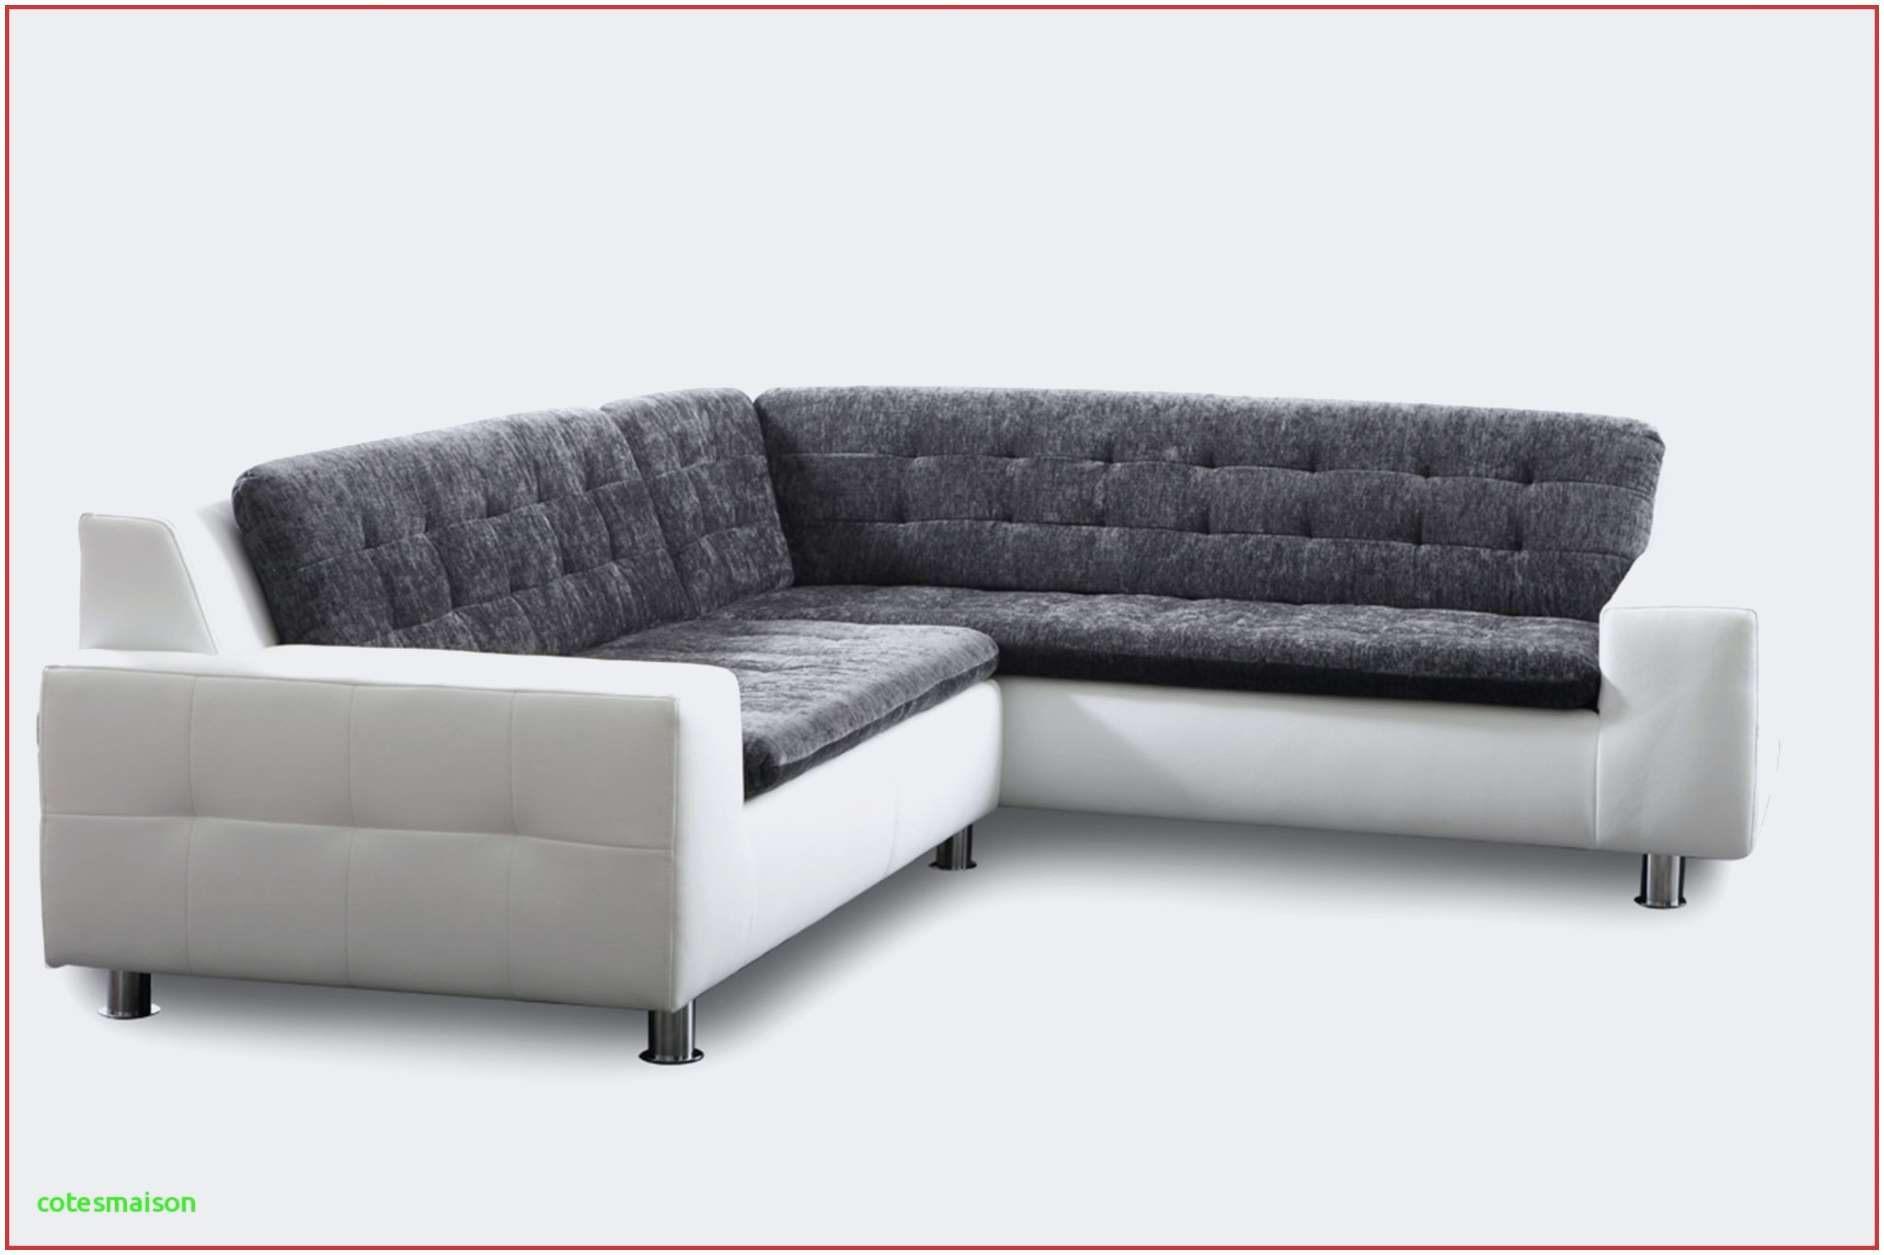 Ikea Canapé Lit Convertible Agréable Unique Canapé 3 Places Ikea Inspirant Canap D Angle Imitation Cuir